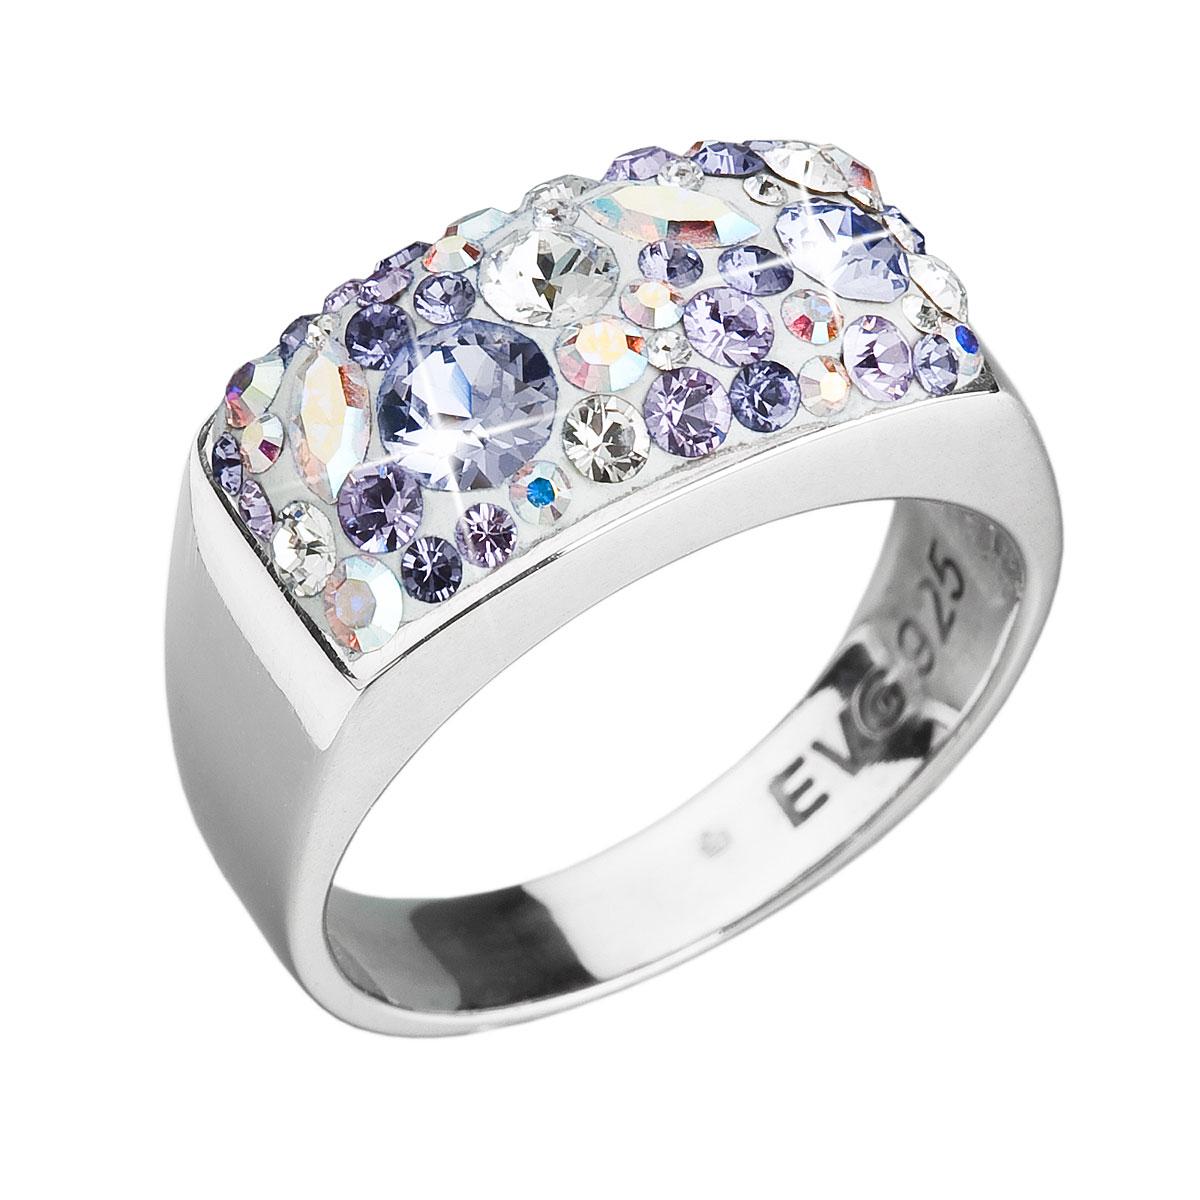 Strieborný prsteň s krištáľmi Swarovski fialový 35014.3